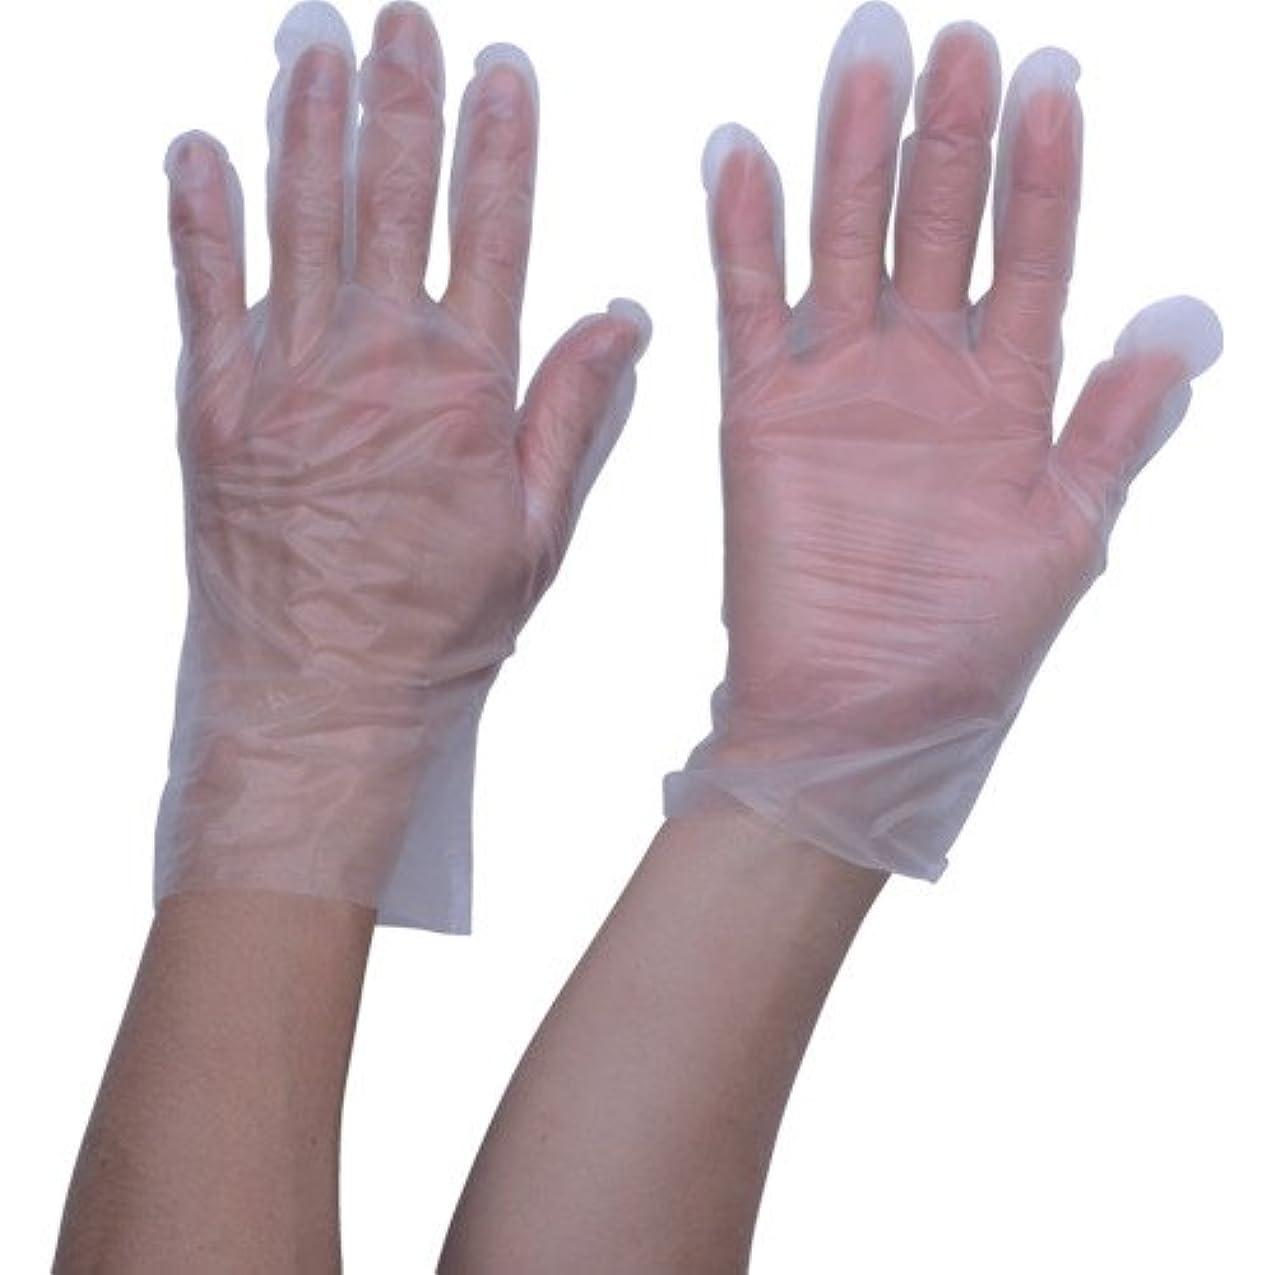 印象的義務受信機TRUSCO ポリエチレン 使い捨て手袋 ウェーブカットタイプL (100枚入)(入数:100枚) TGCPE025L